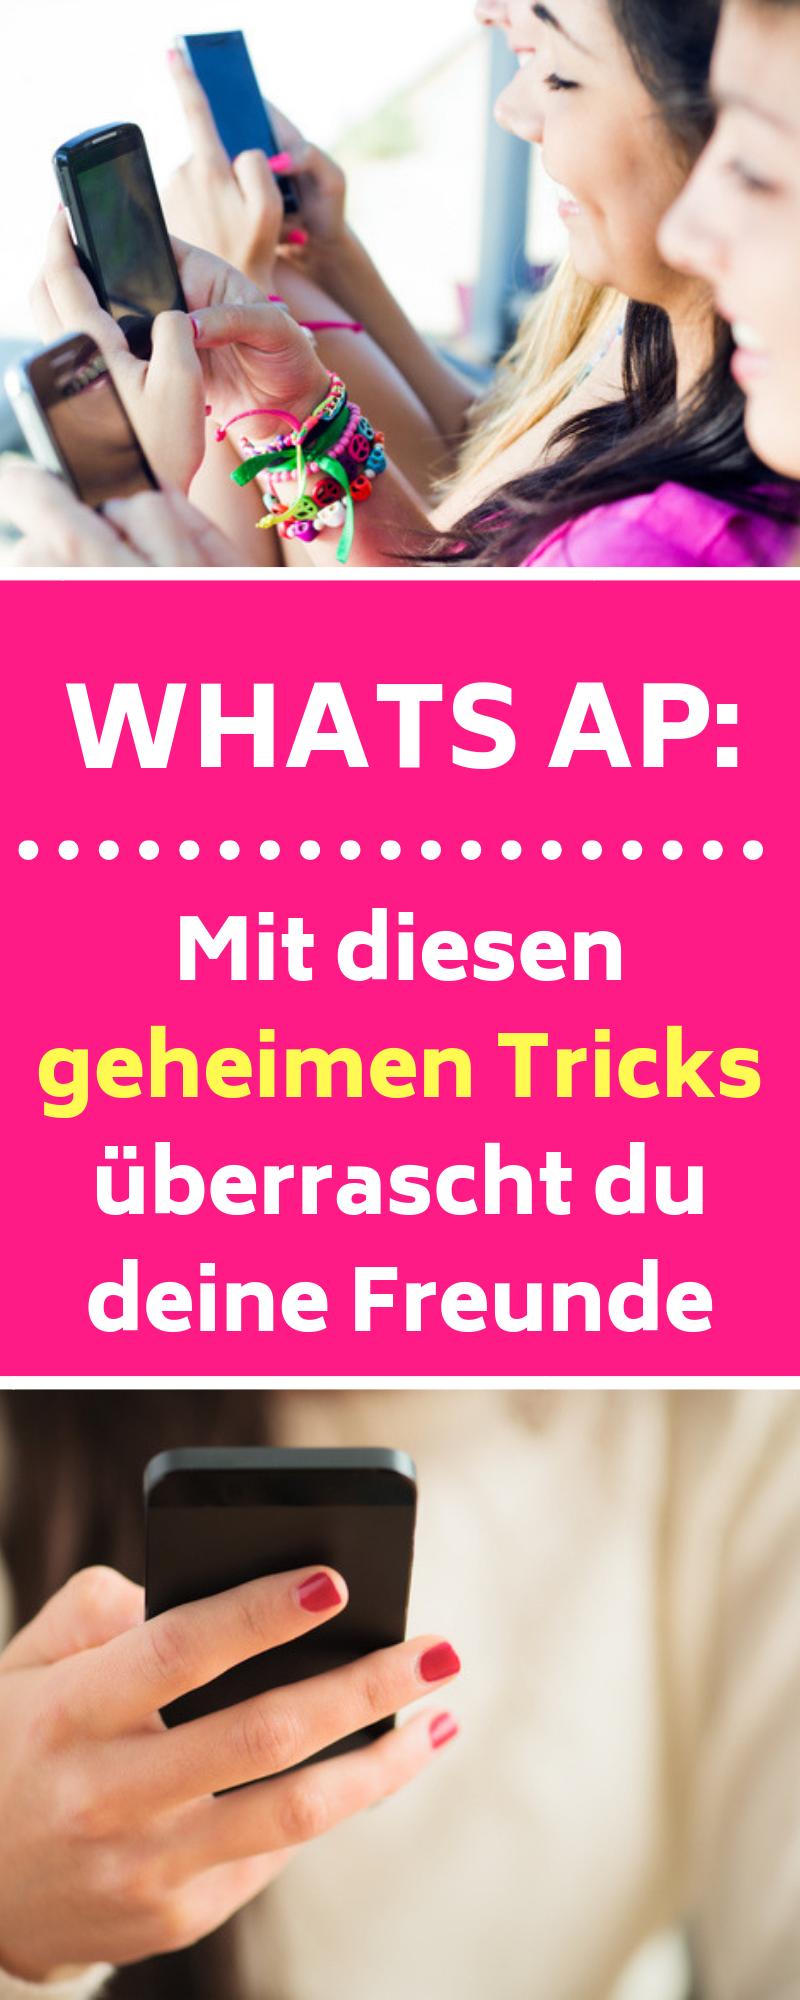 App für profilbilder